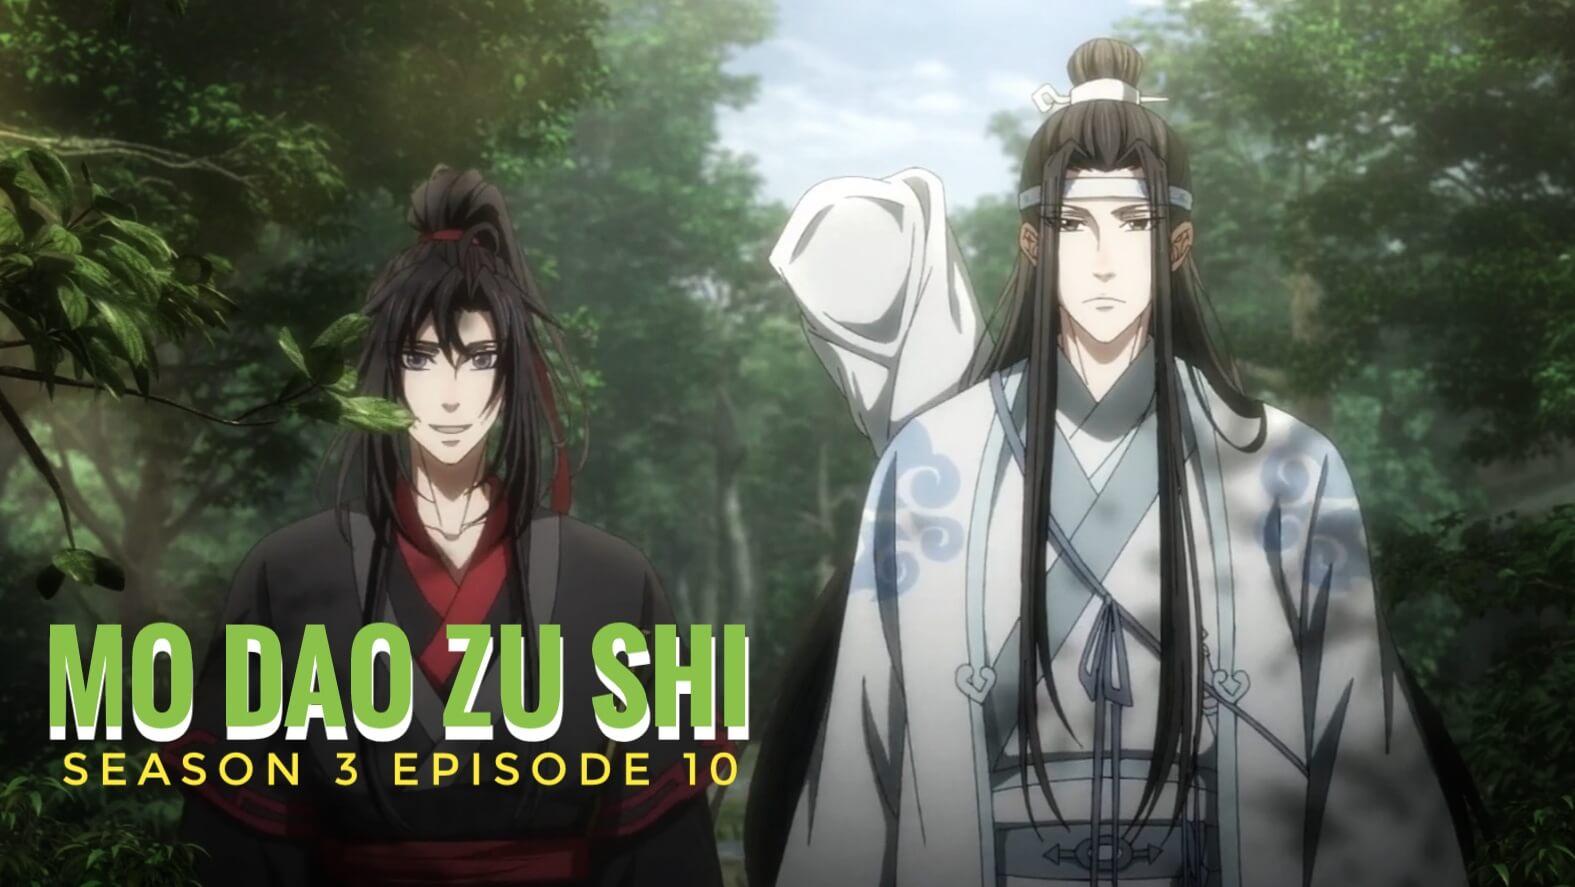 Mo Dao Zu Shi Season 3 Episode 10 Release Date